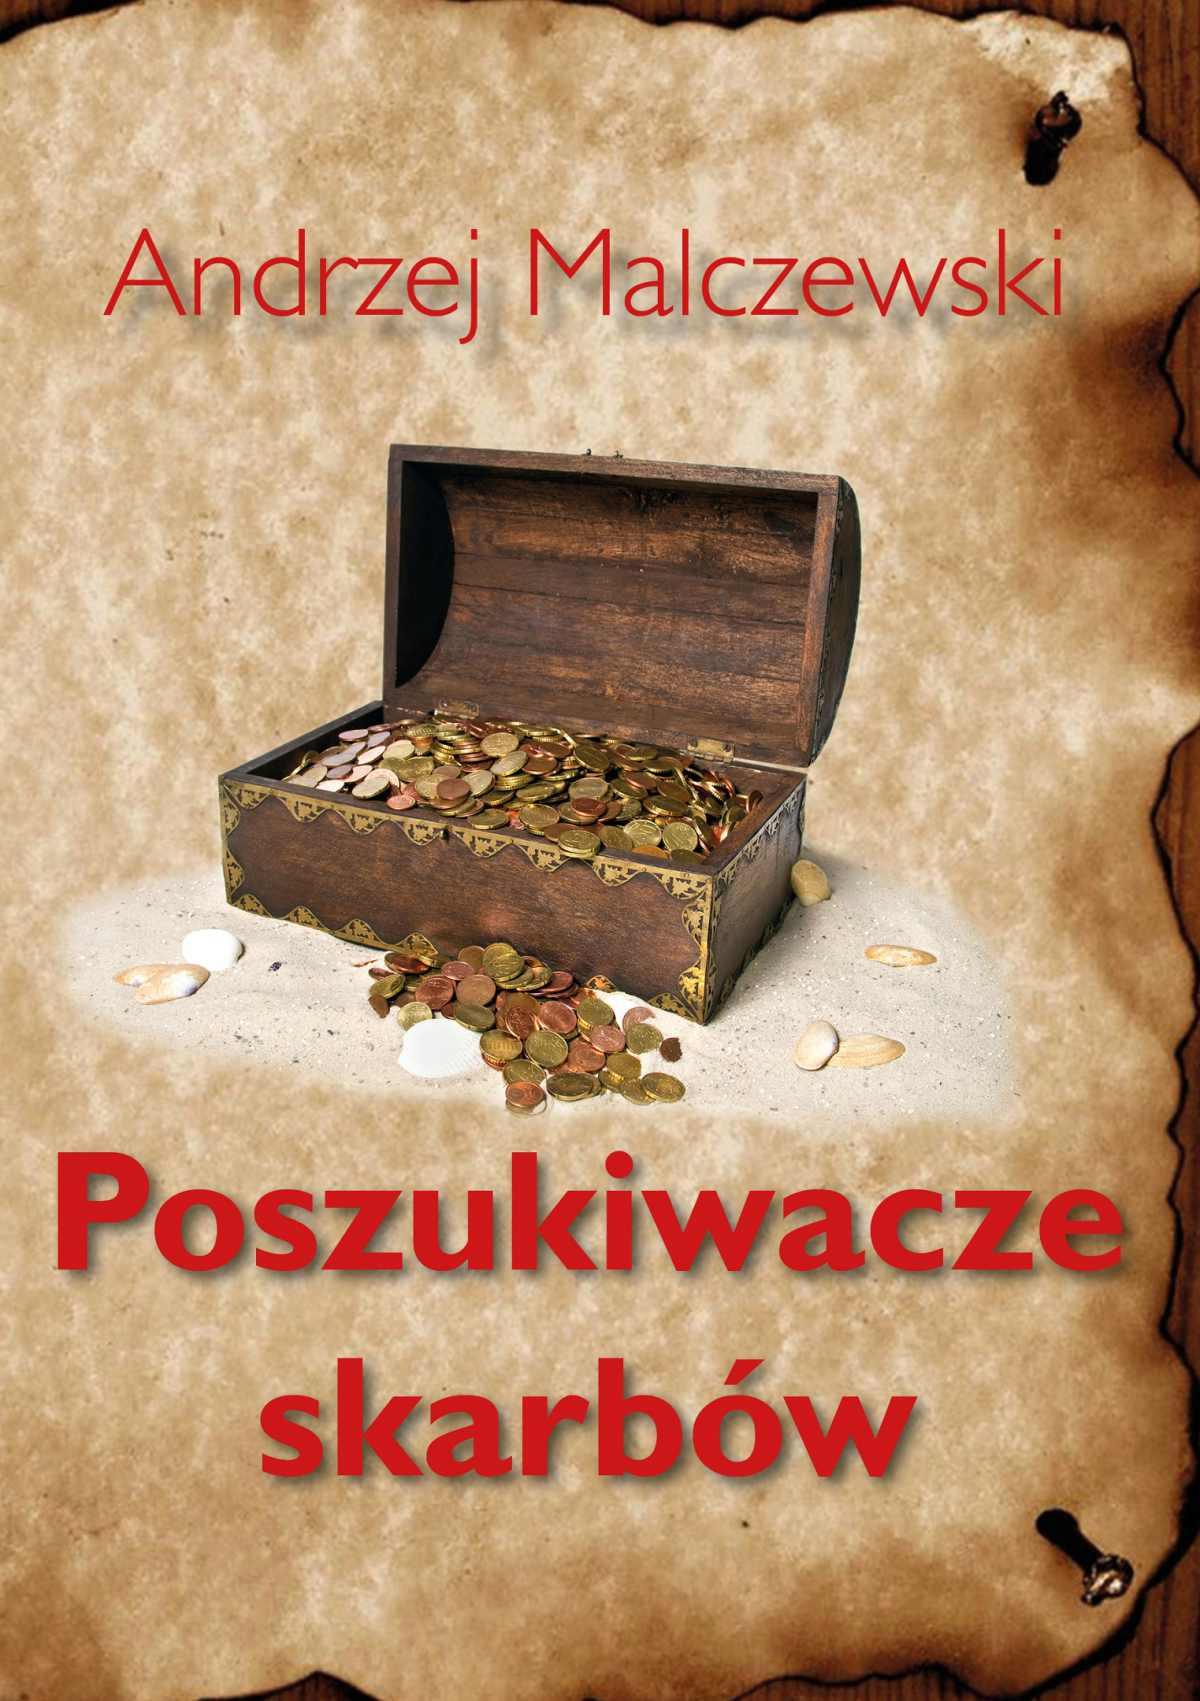 Poszukiwacze skarbów - Ebook (Książka PDF) do pobrania w formacie PDF